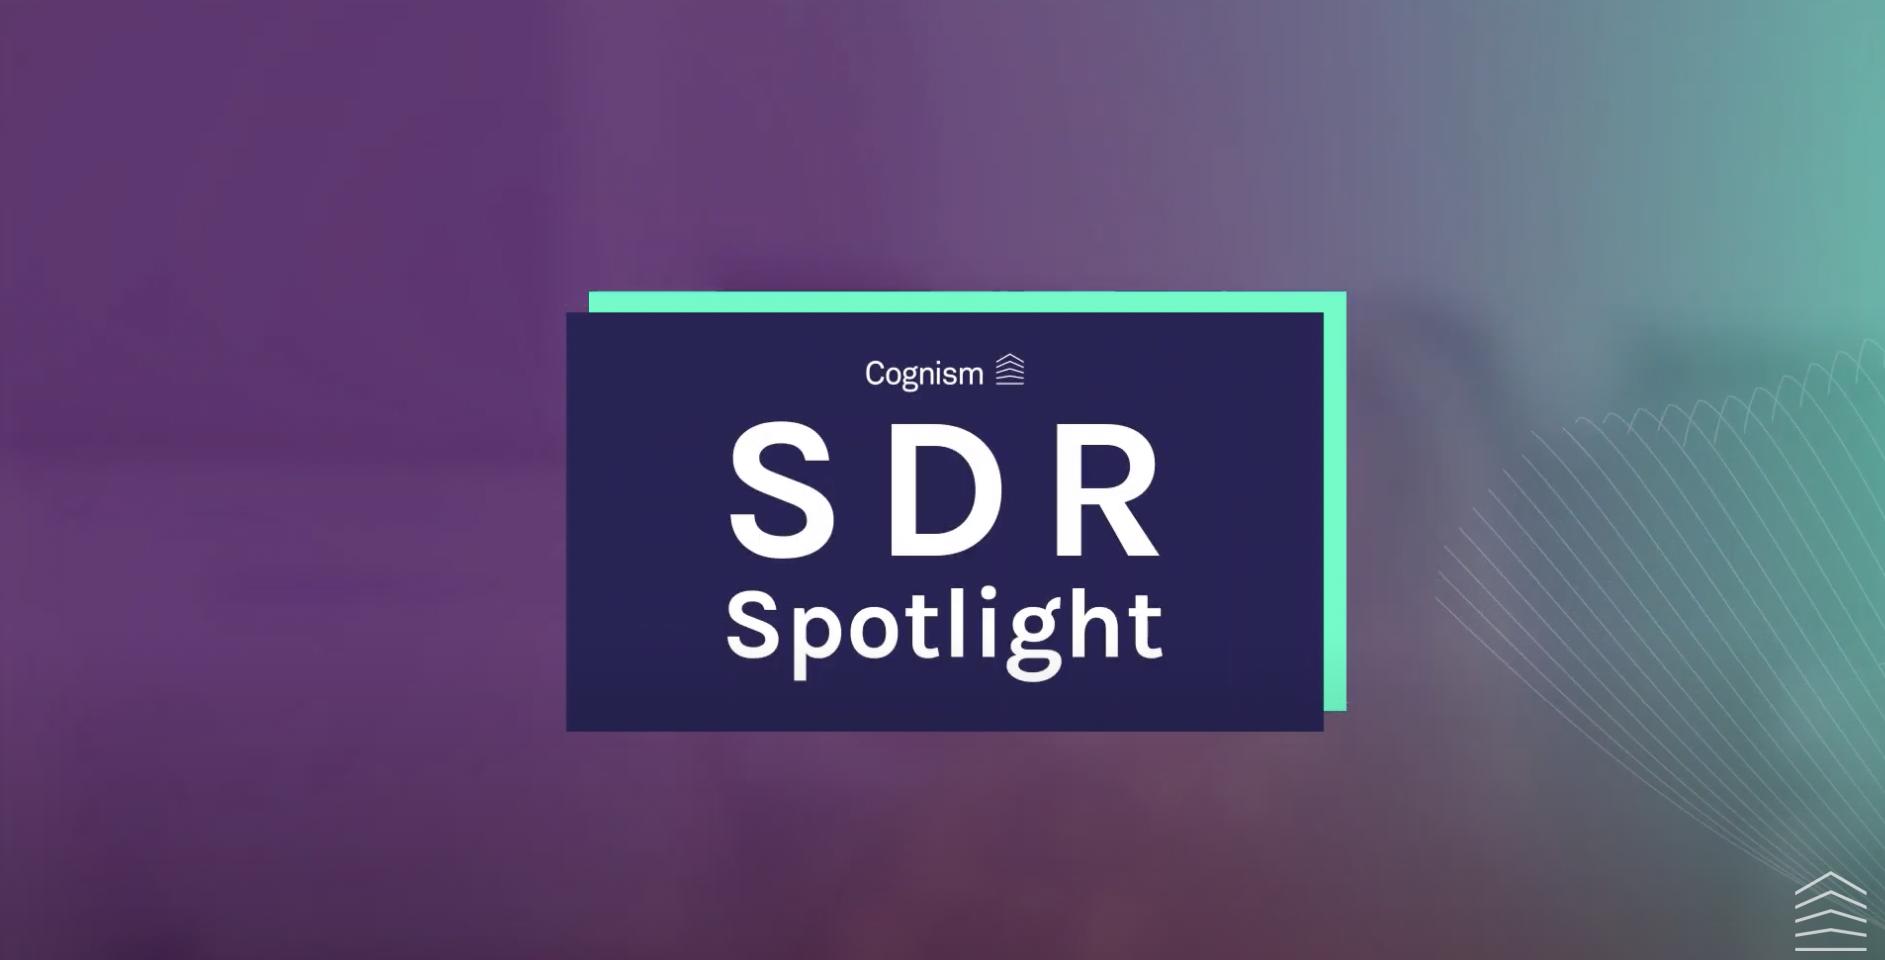 SDR Spotlight